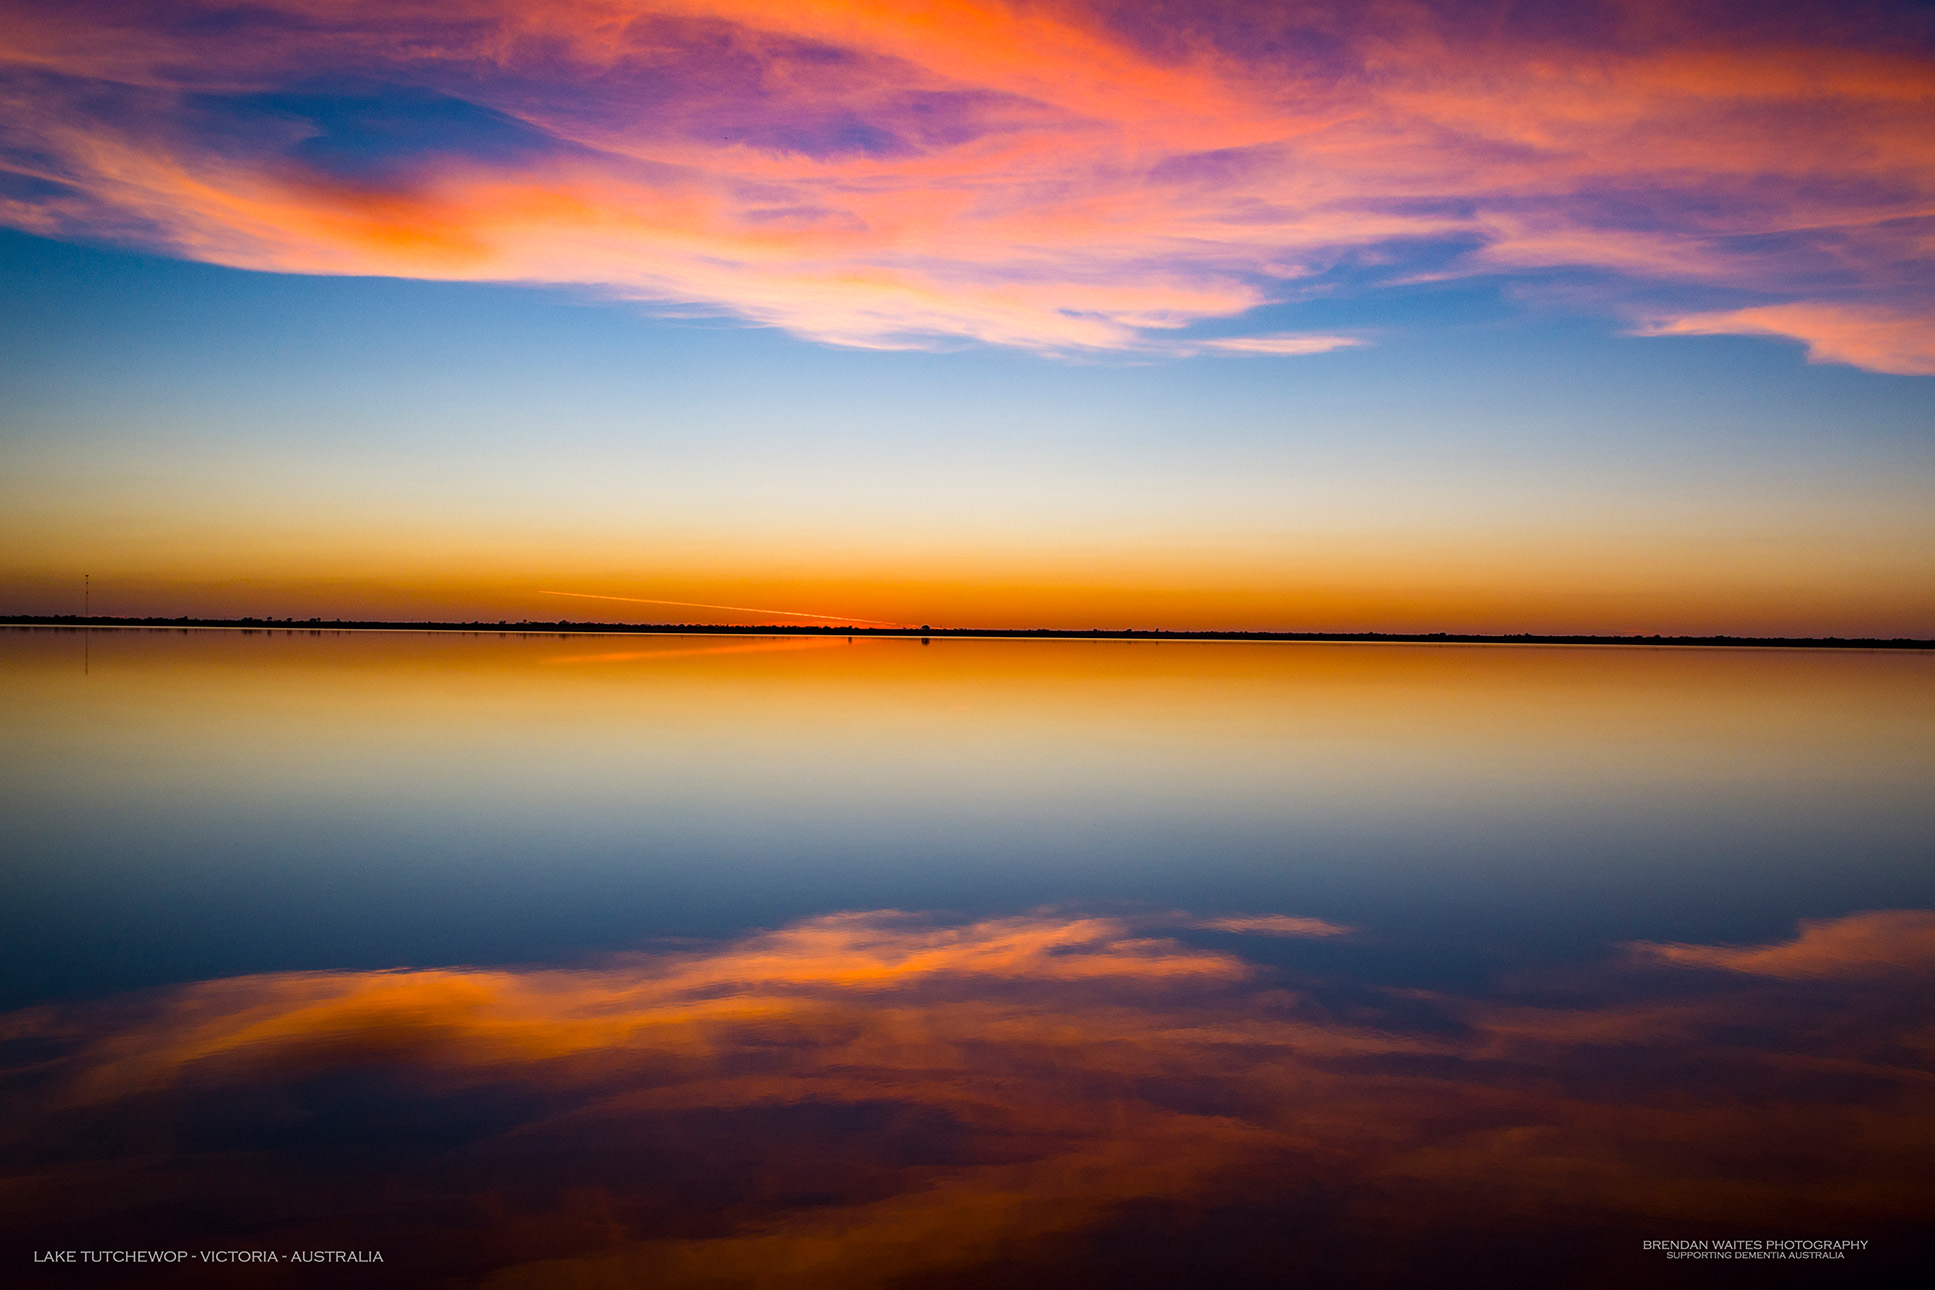 Lake Tutchewop - VICTORIA